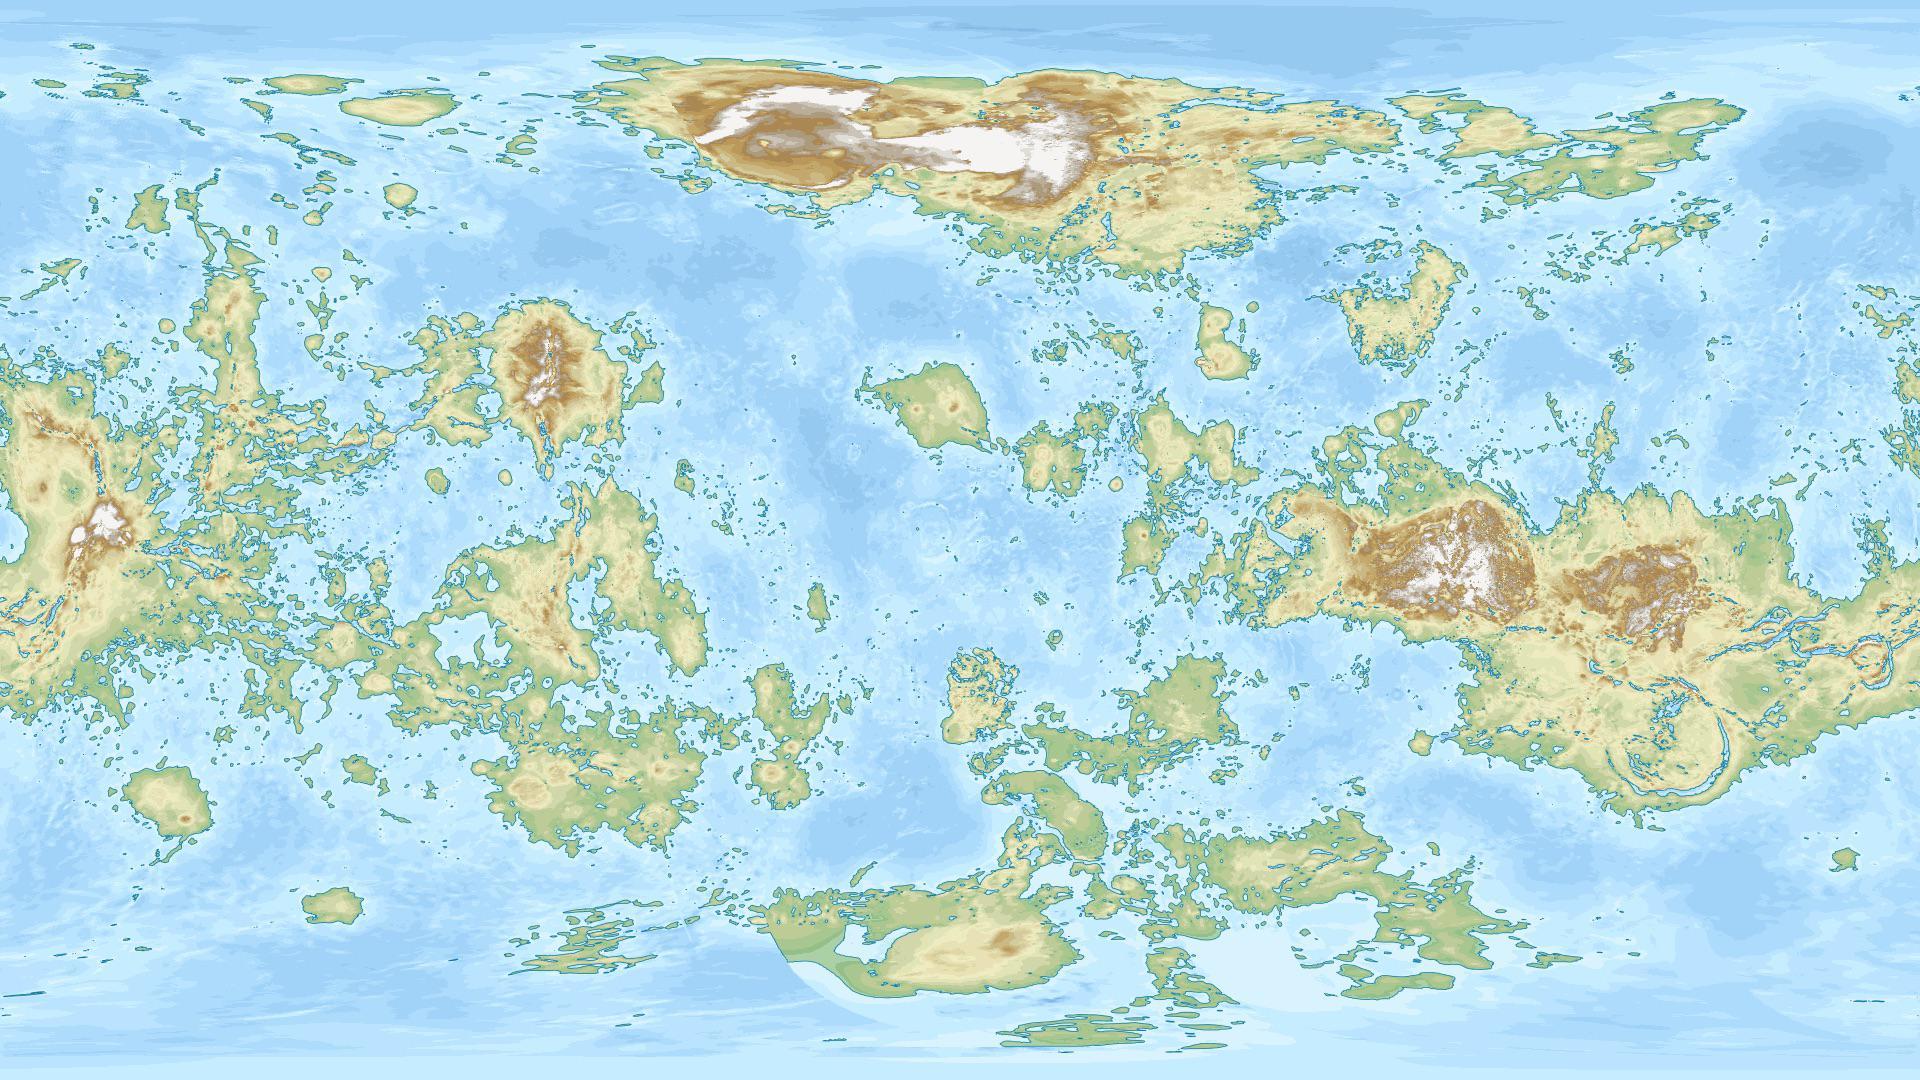 Planeta Venus continente harta